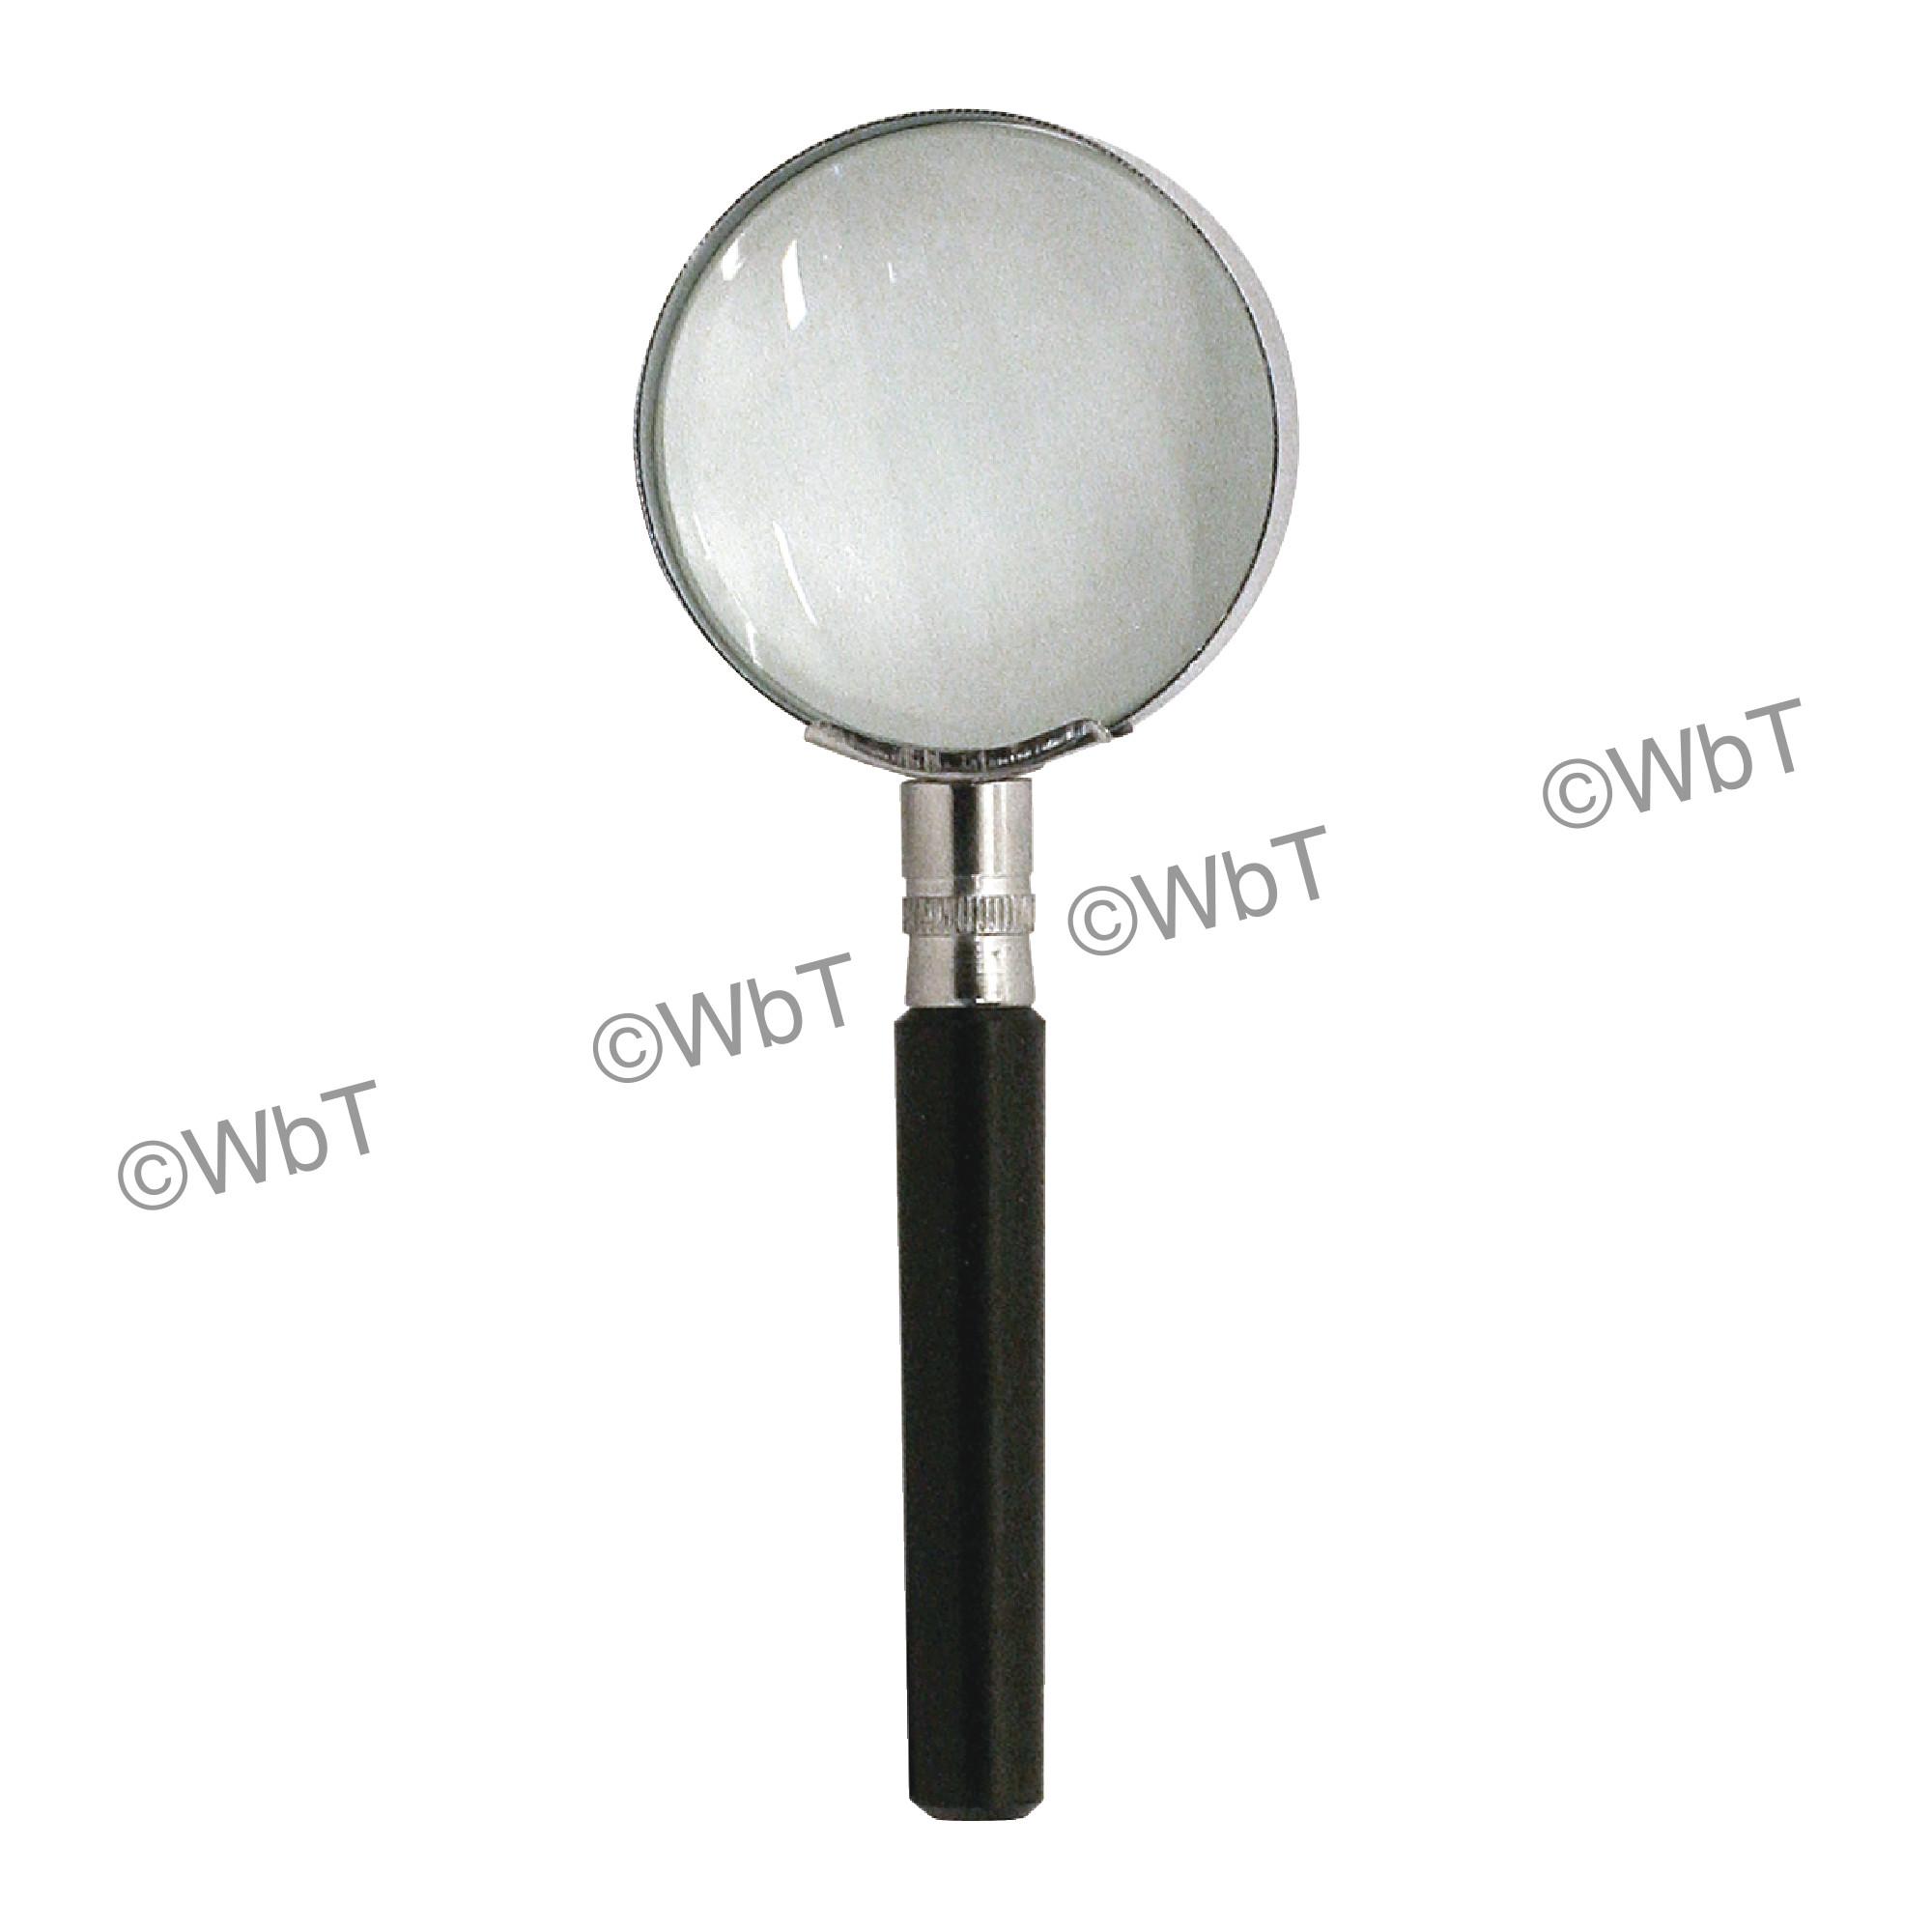 4X Round Handheld Magnifier